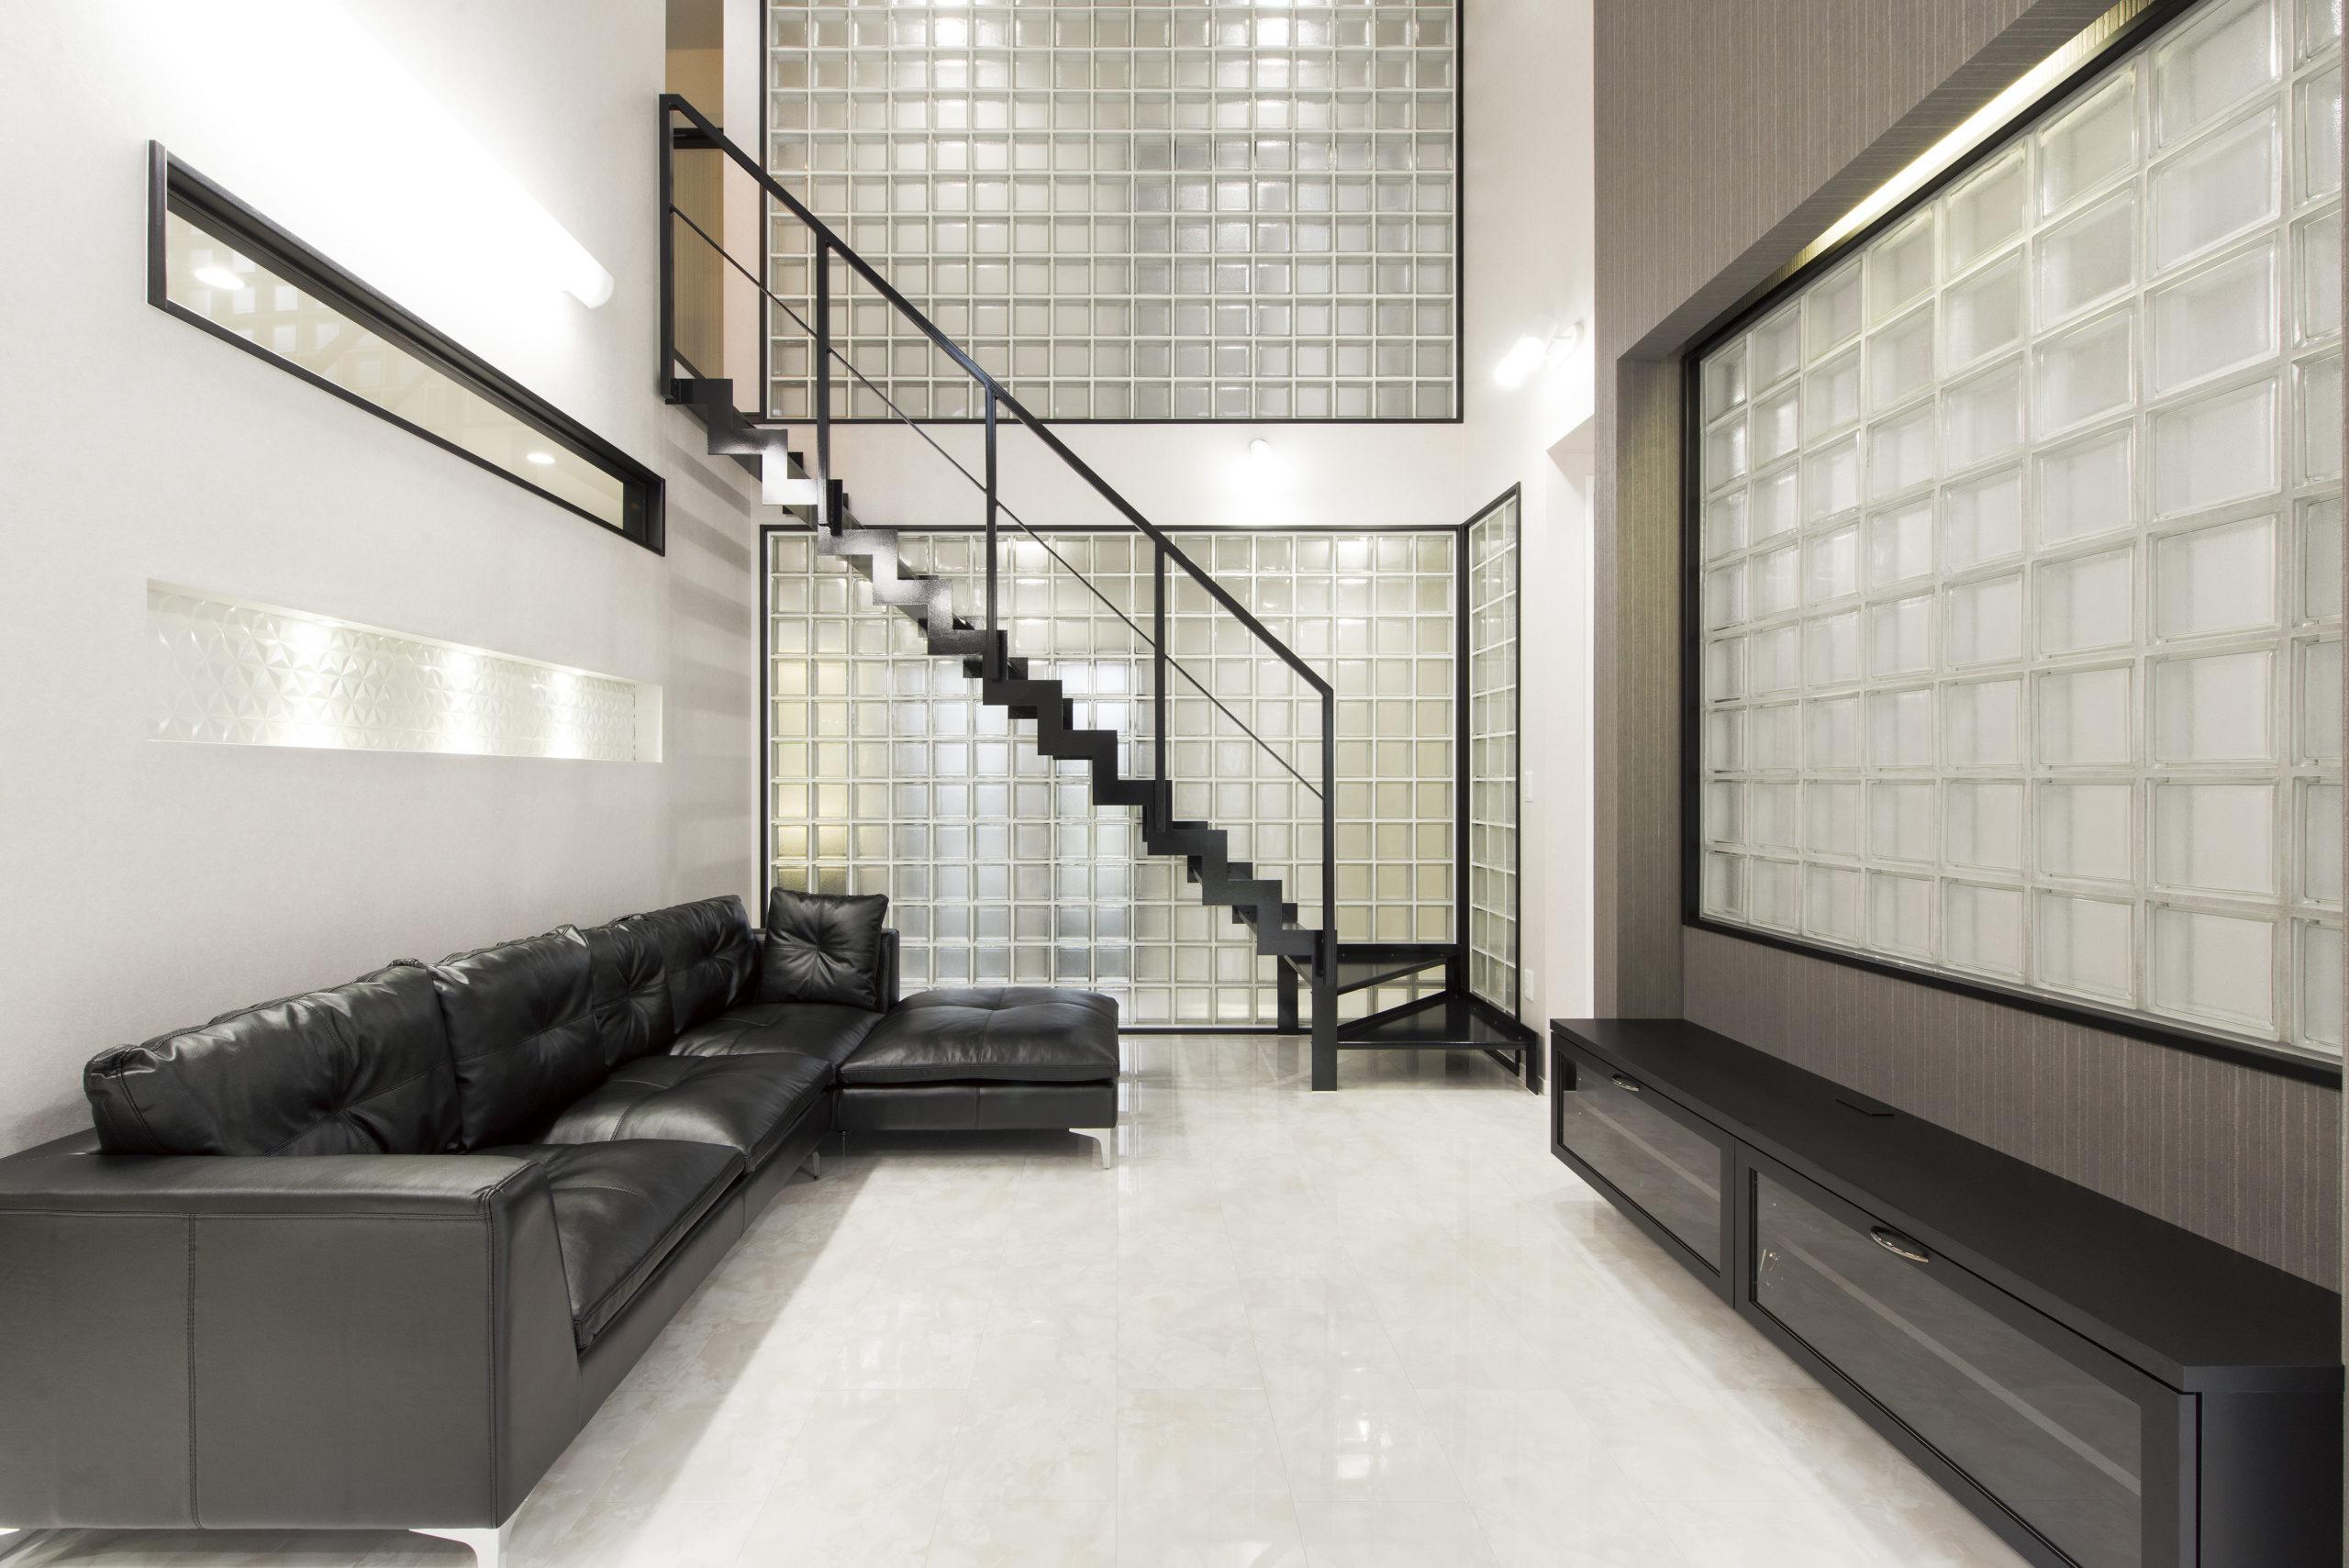 吹抜とガラスブロック壁で囲われた 贅沢かつ大空間なリビング